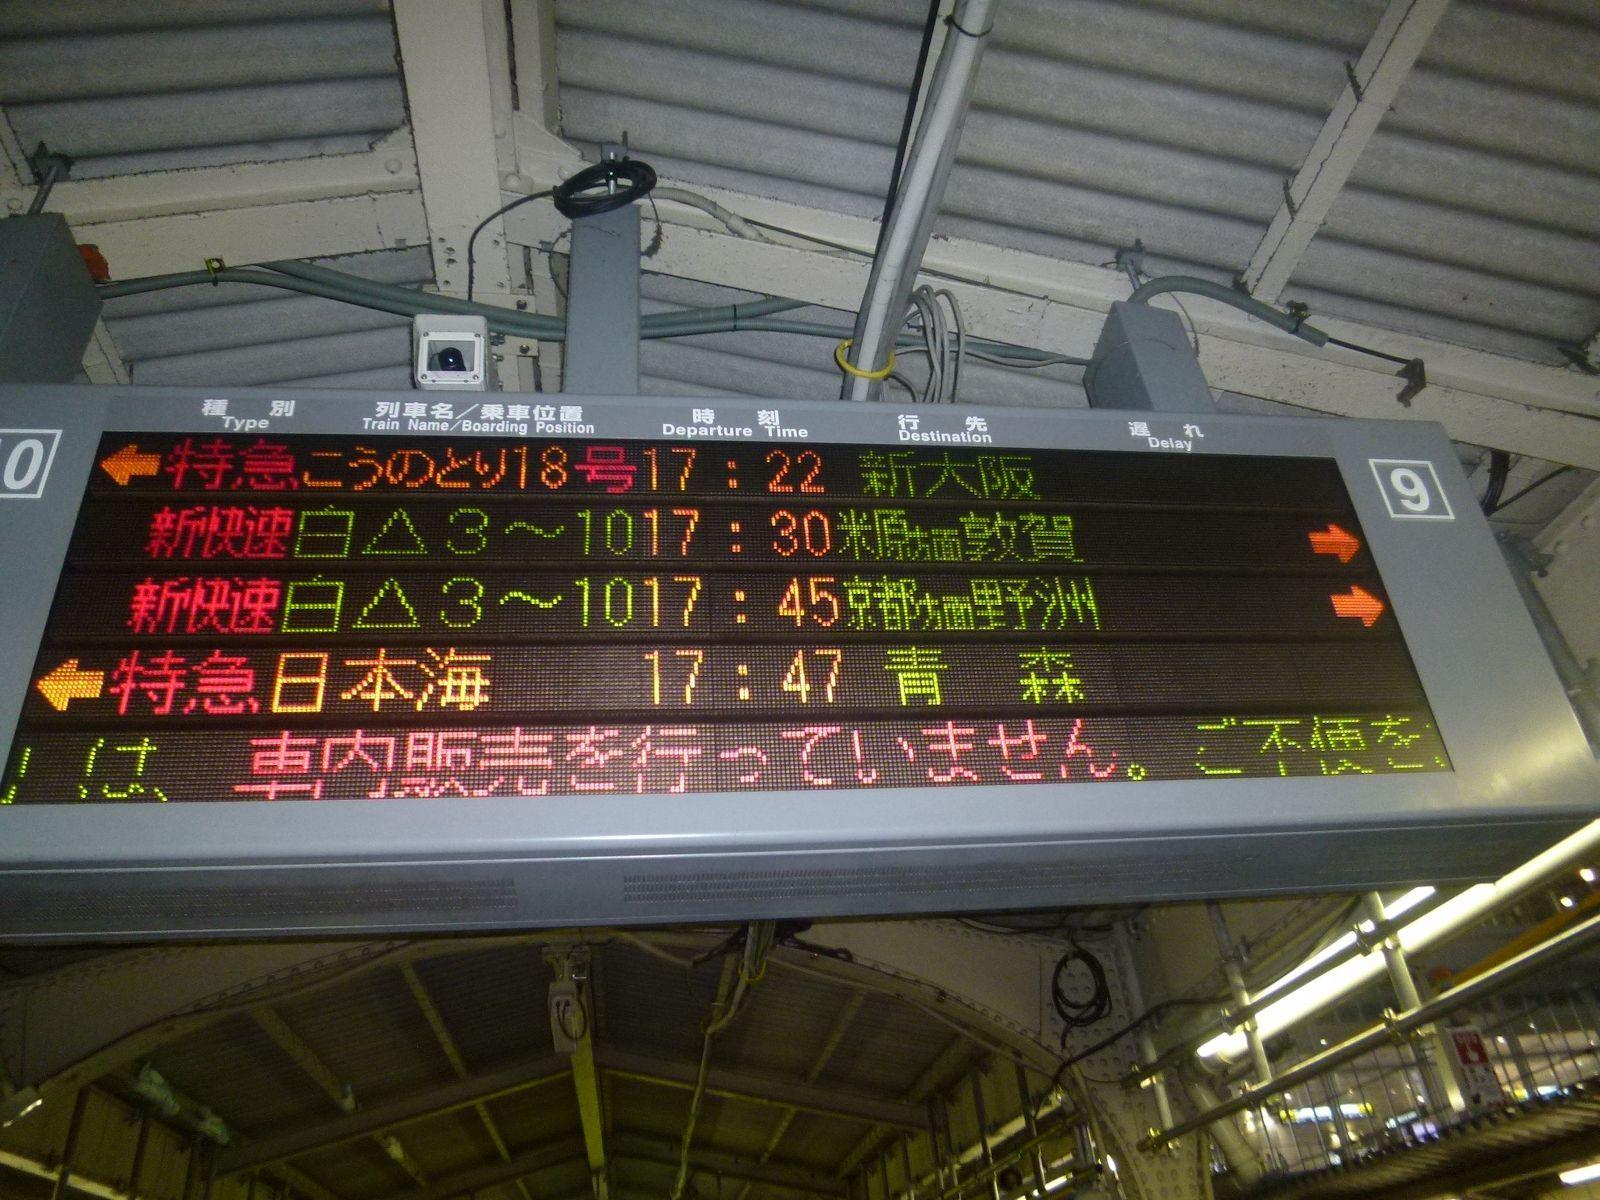 寝台特急日本海号の大阪駅出発案内(JPG-311k)